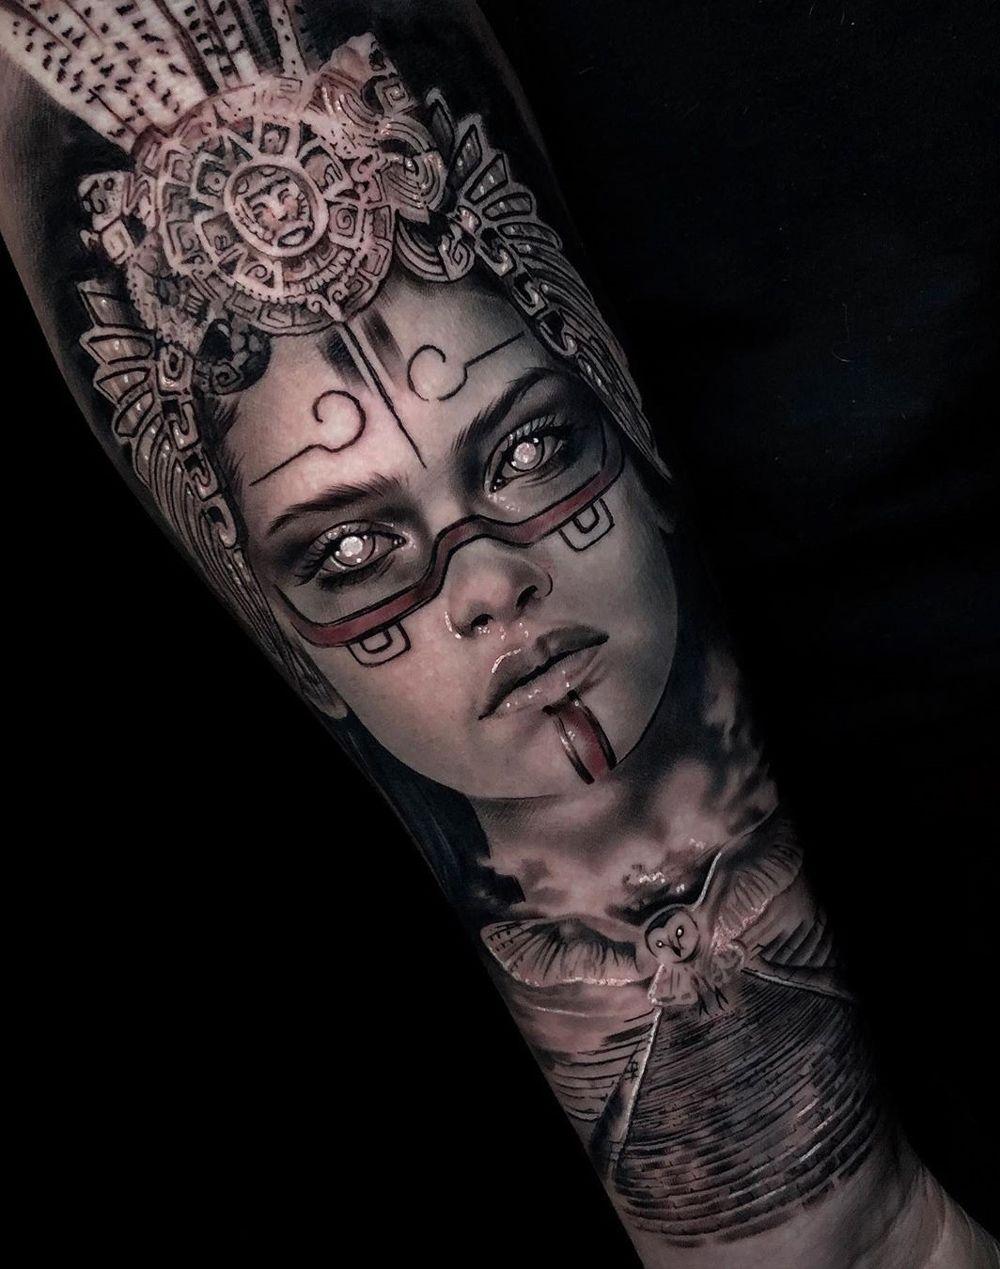 Aztec Warrior Girl Best Tattoo Design Ideas In 2020 Aztec Tattoo Designs Aztec Tattoo Aztec Tattoos Sleeve